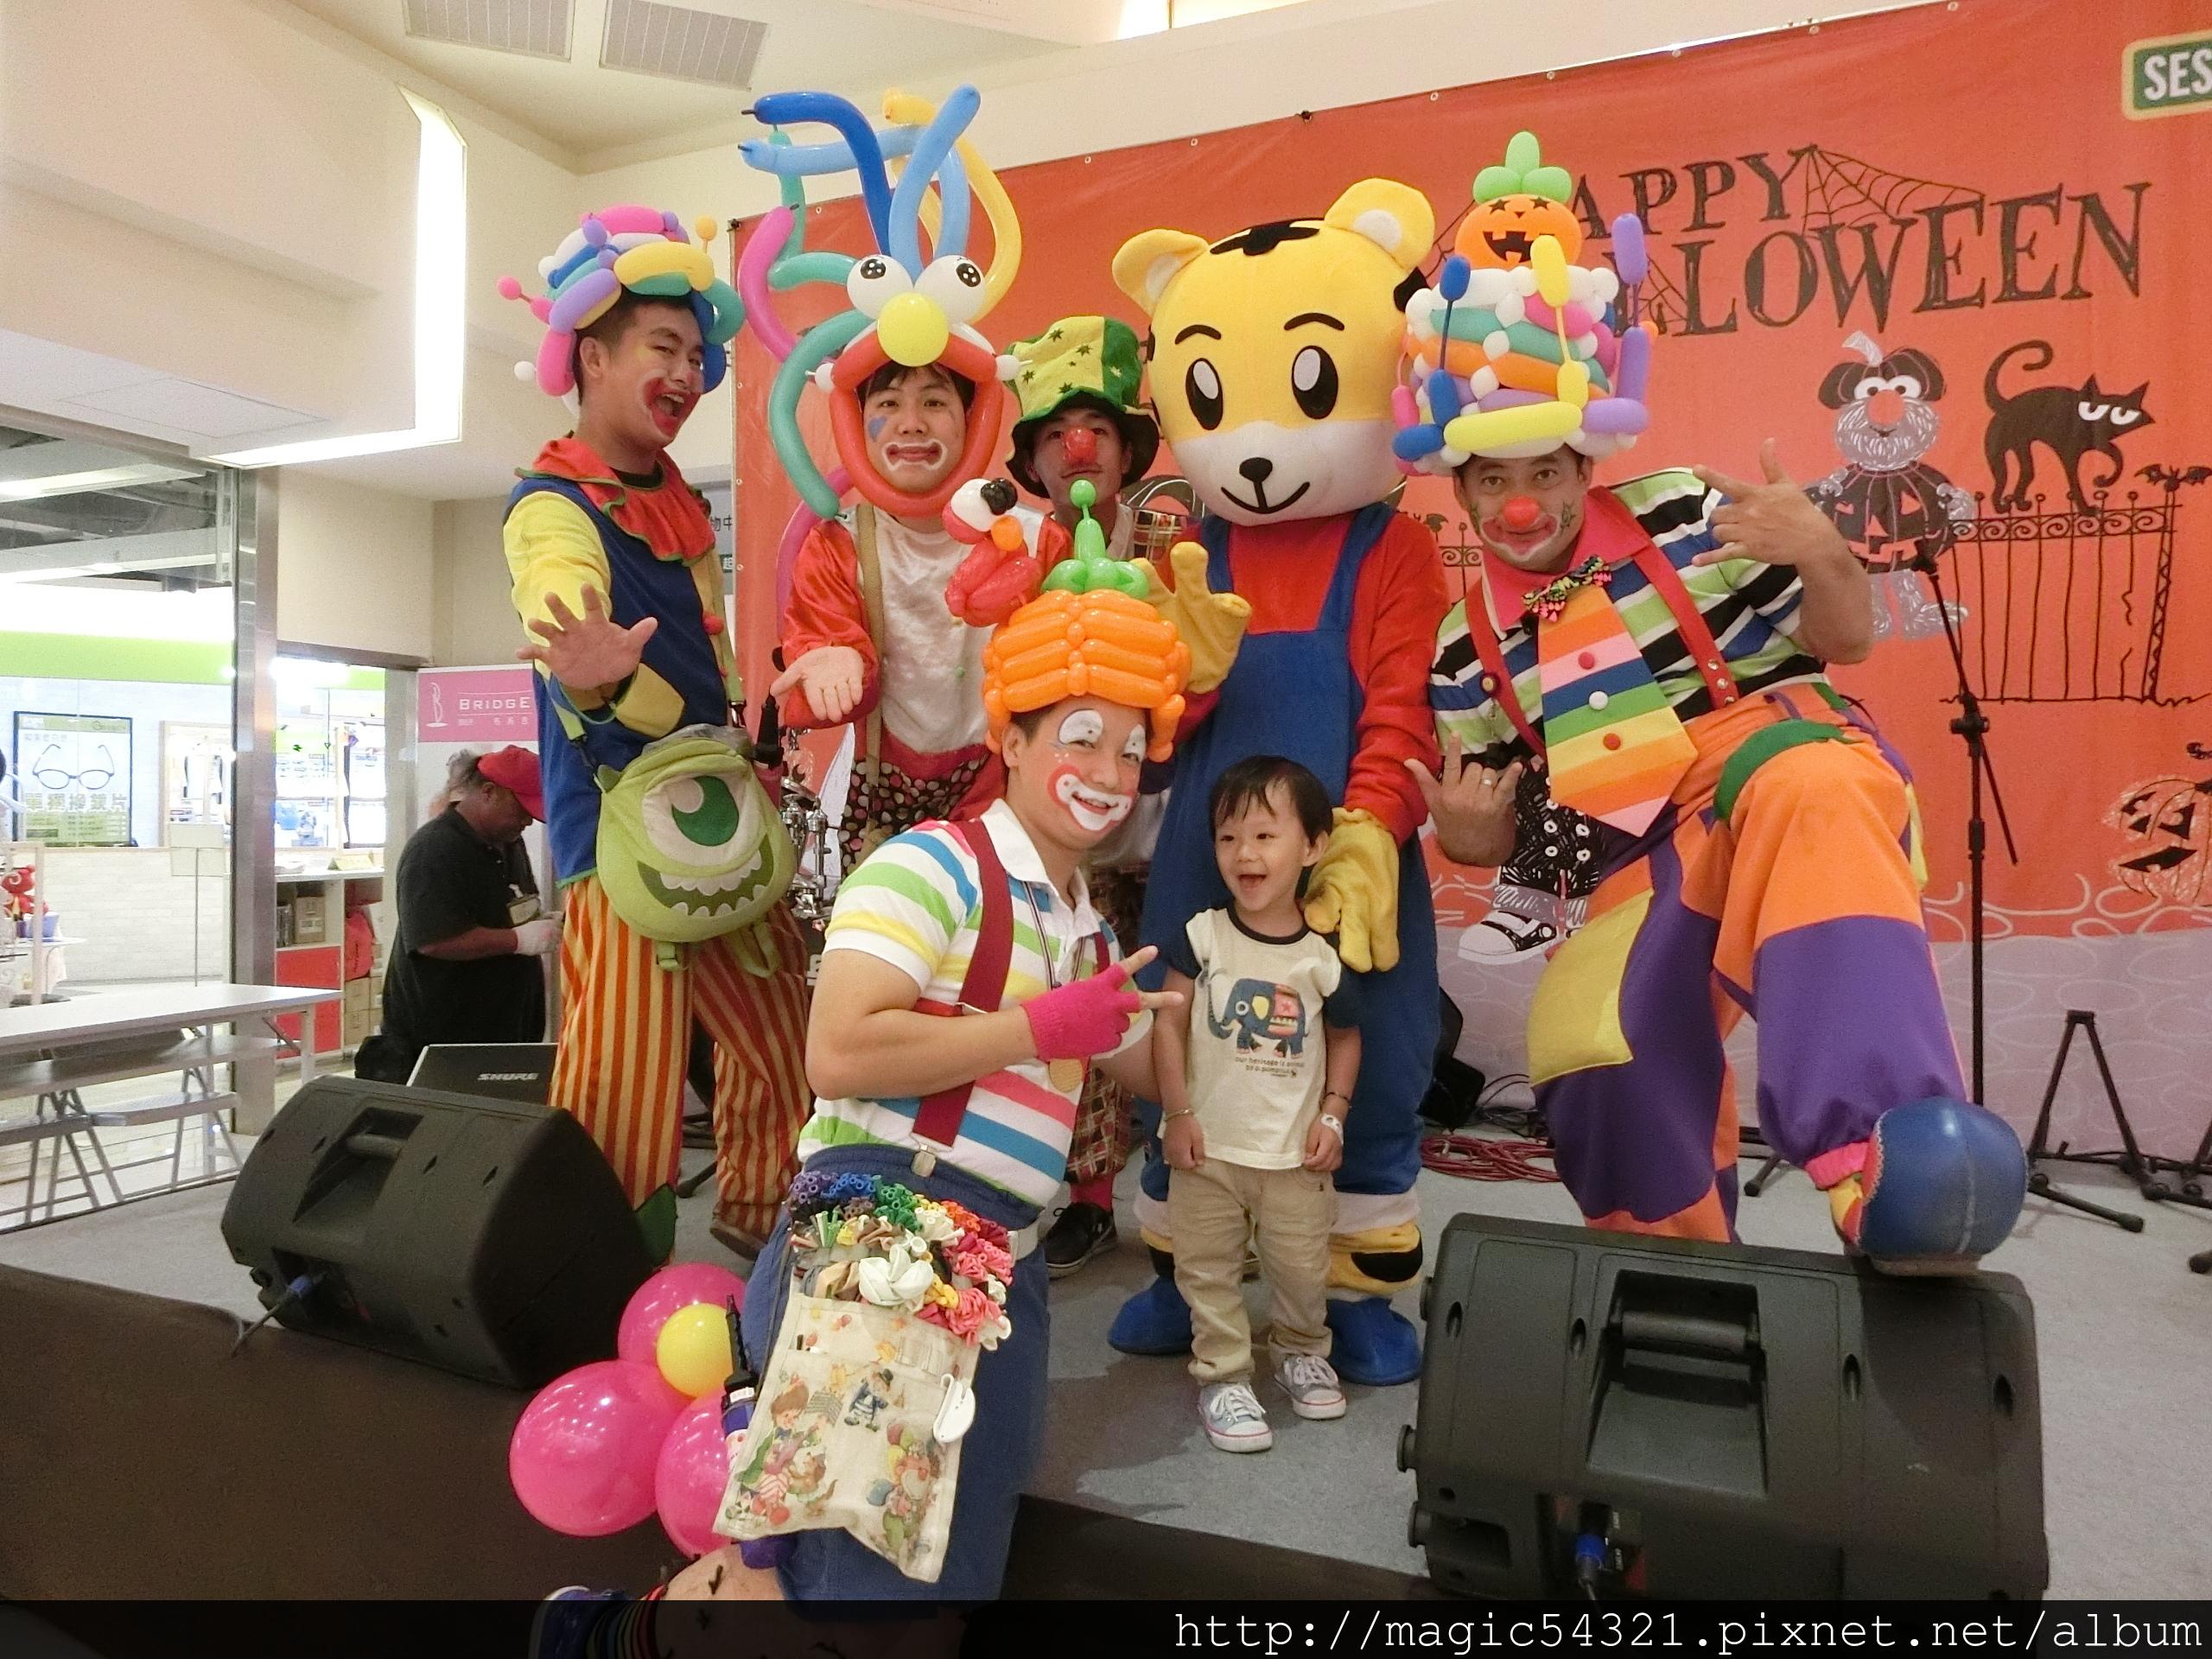 屏東環球百貨萬聖節小丑汽球秀+巧虎人偶 (2) – 魔術魂表演團隊